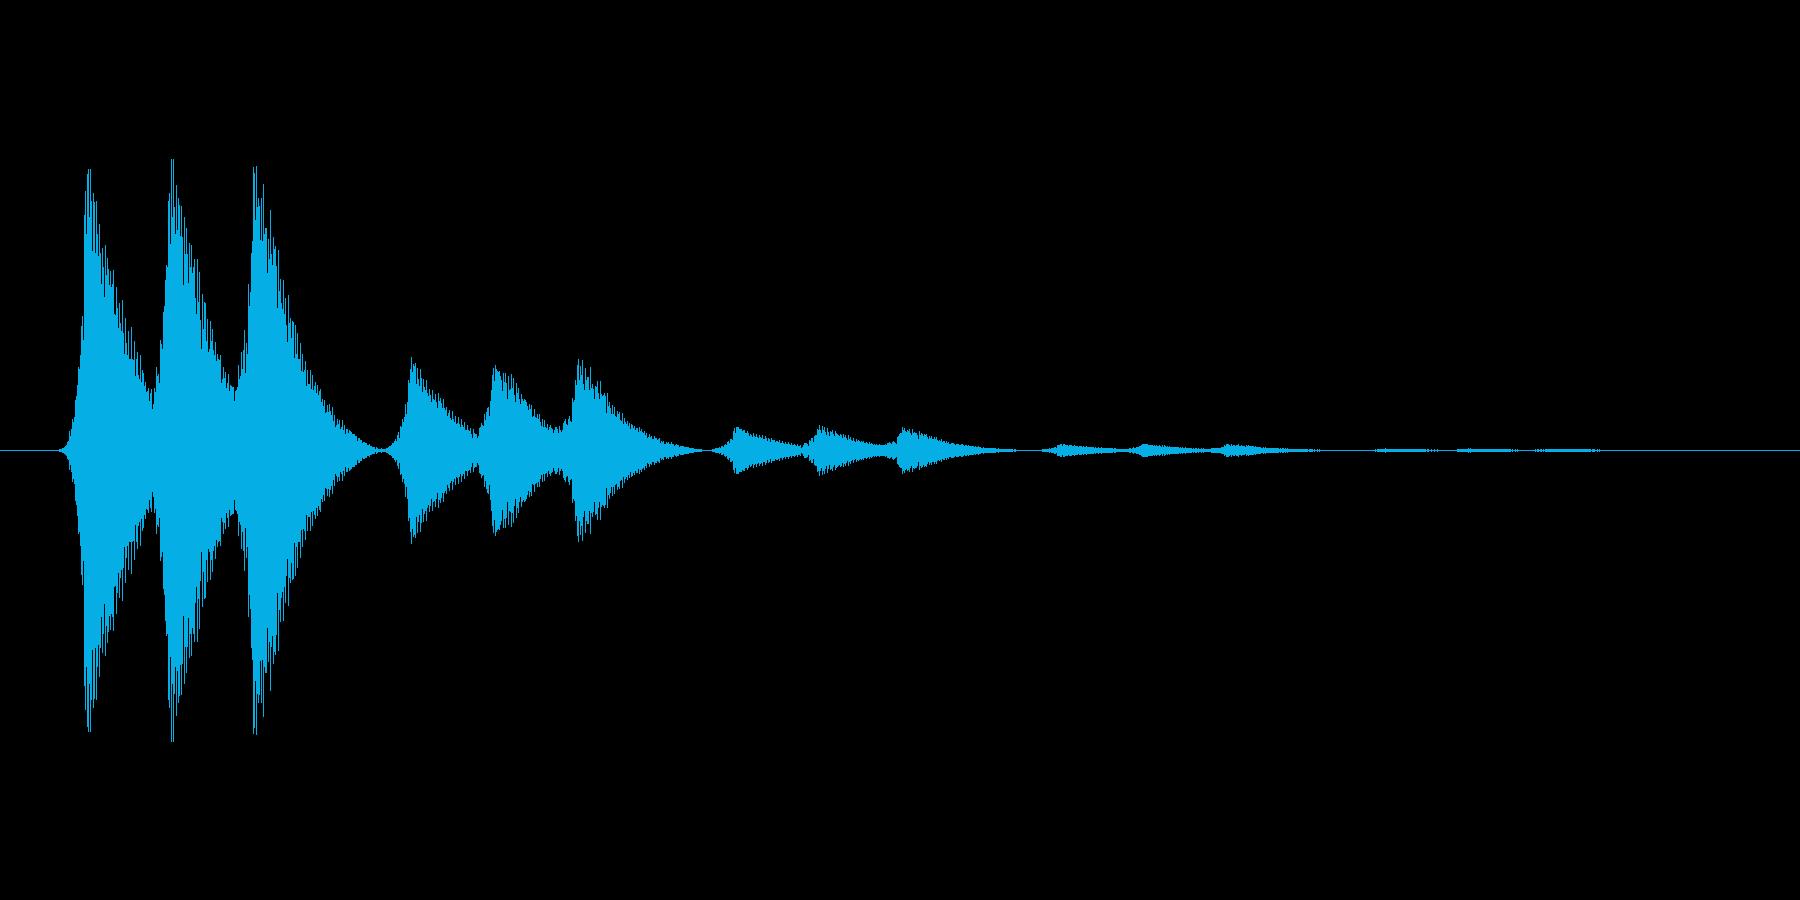 ファミコン風効果音 決定音系です 24の再生済みの波形